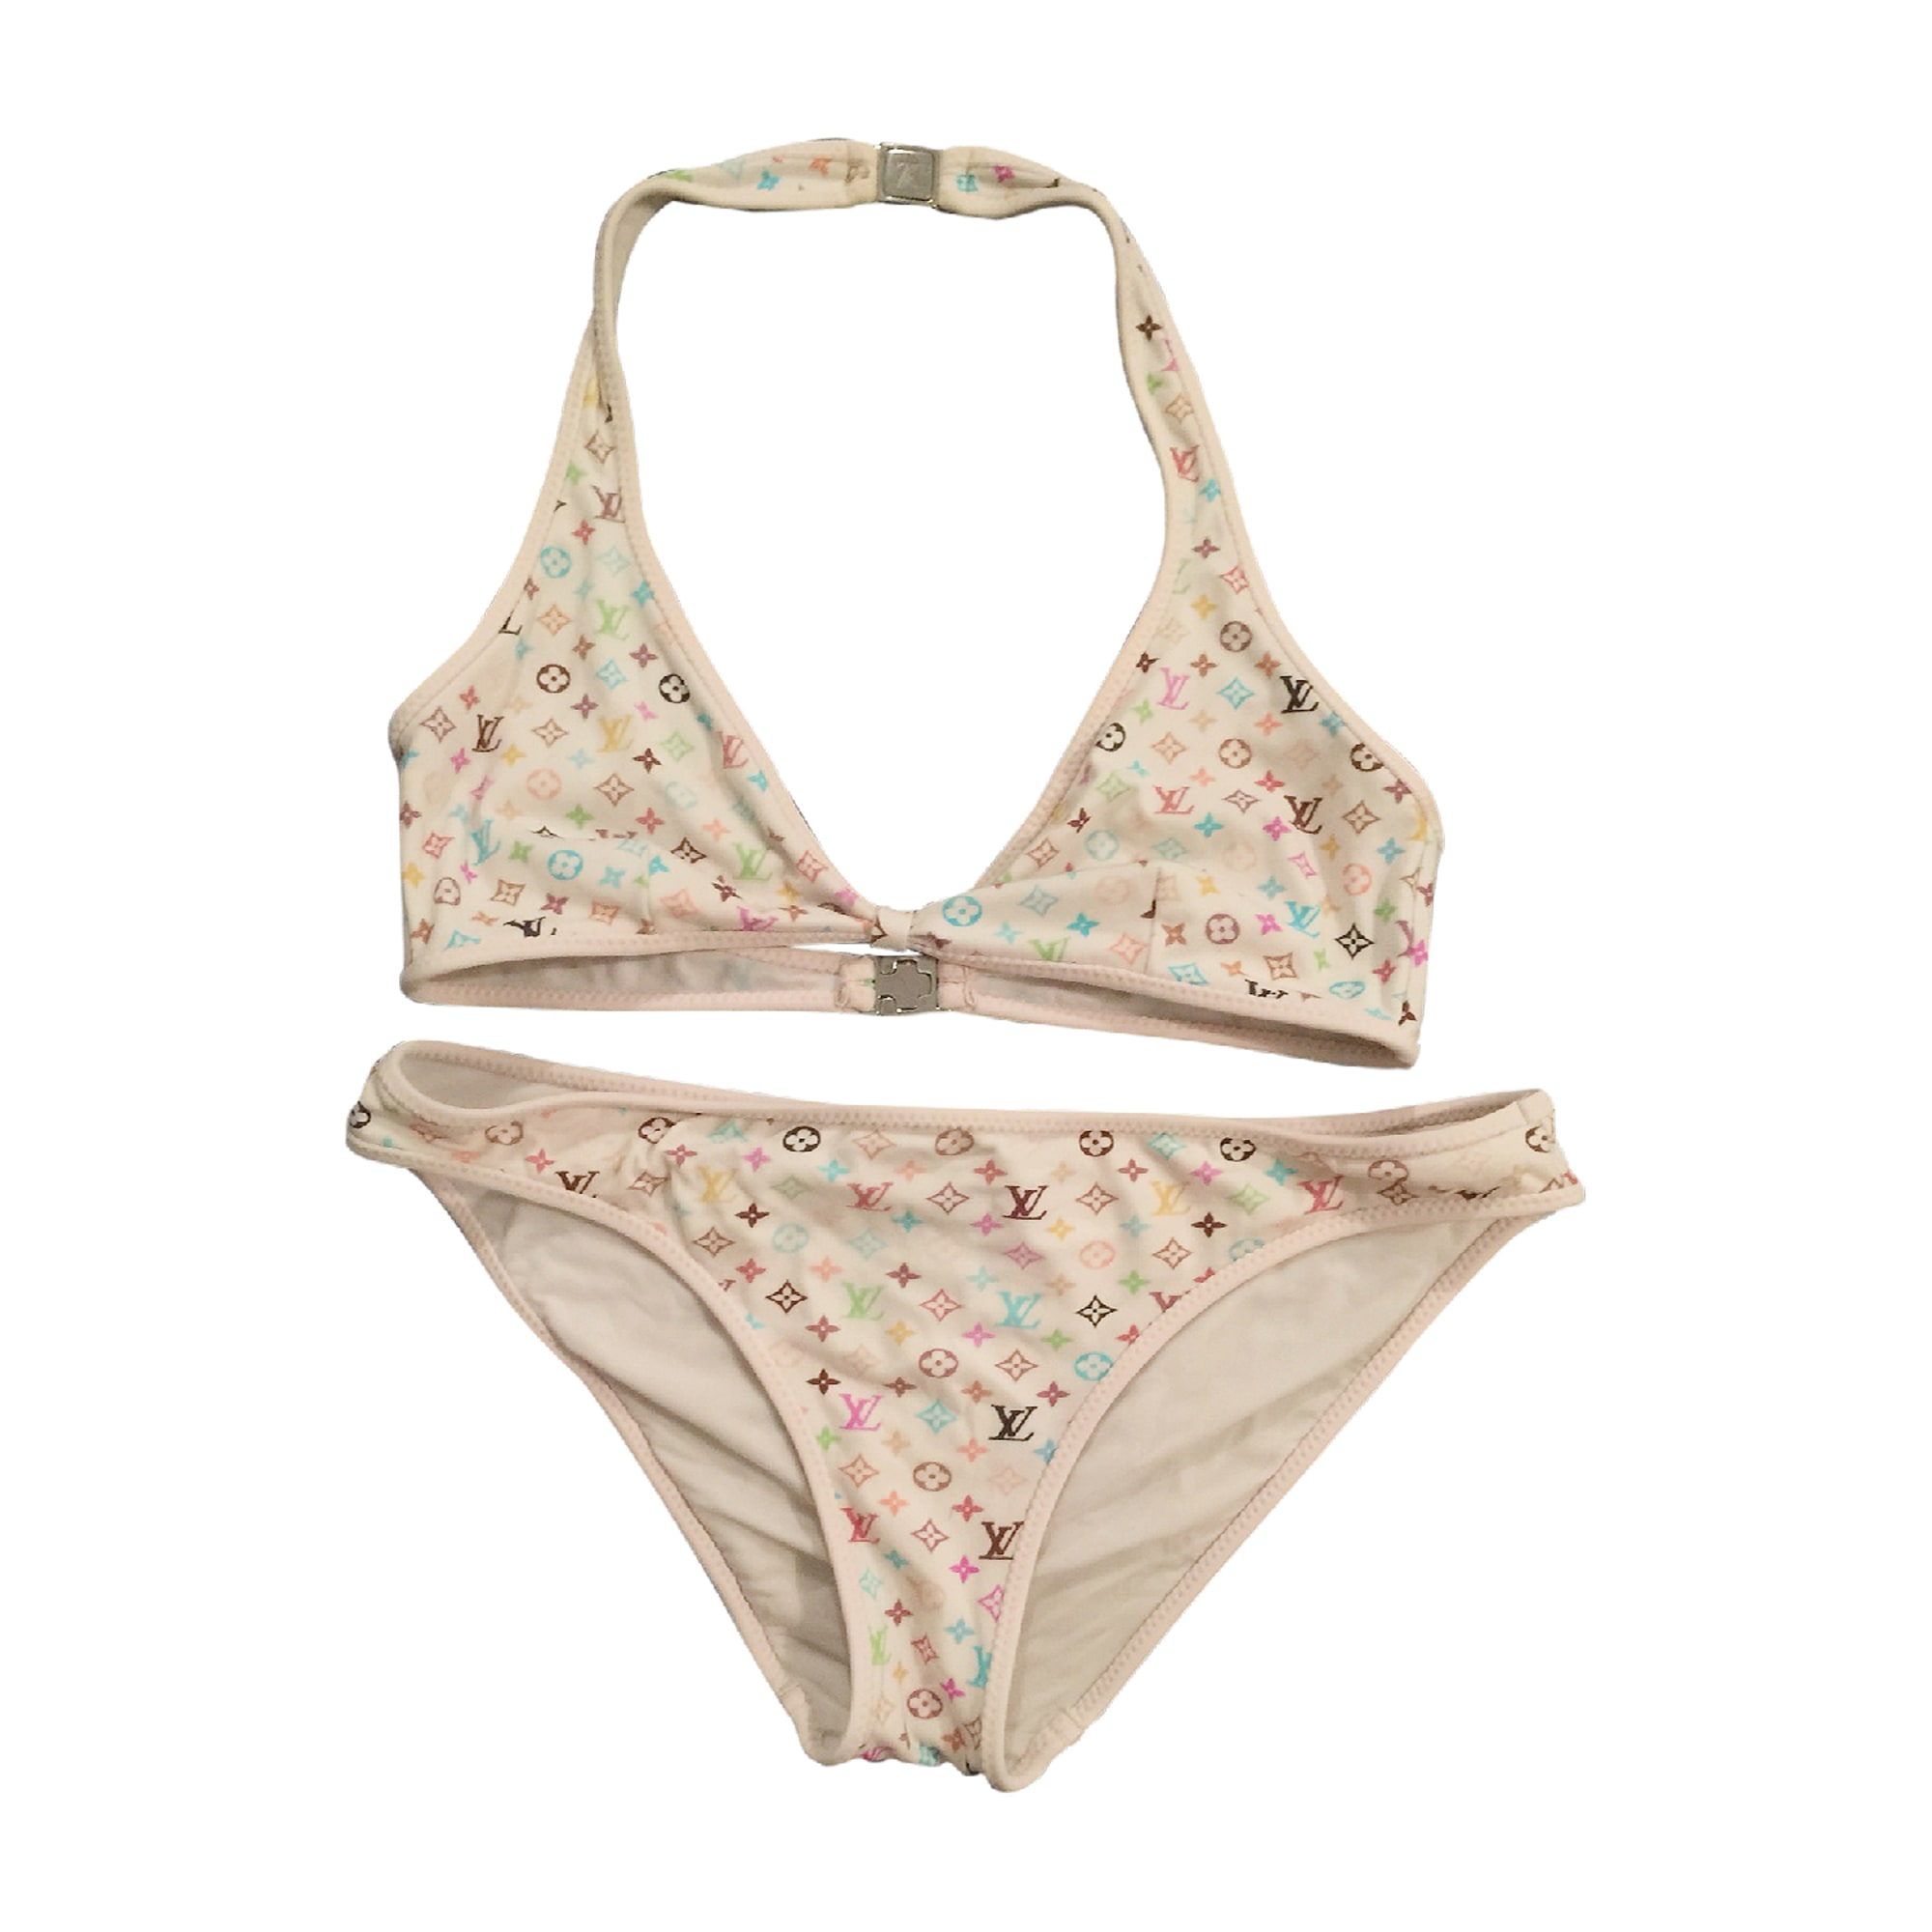 6d8ea7e3765b6 Two Piece Swimsuit LOUIS VUITTON 36 (S, T1) multicolor - 3856229